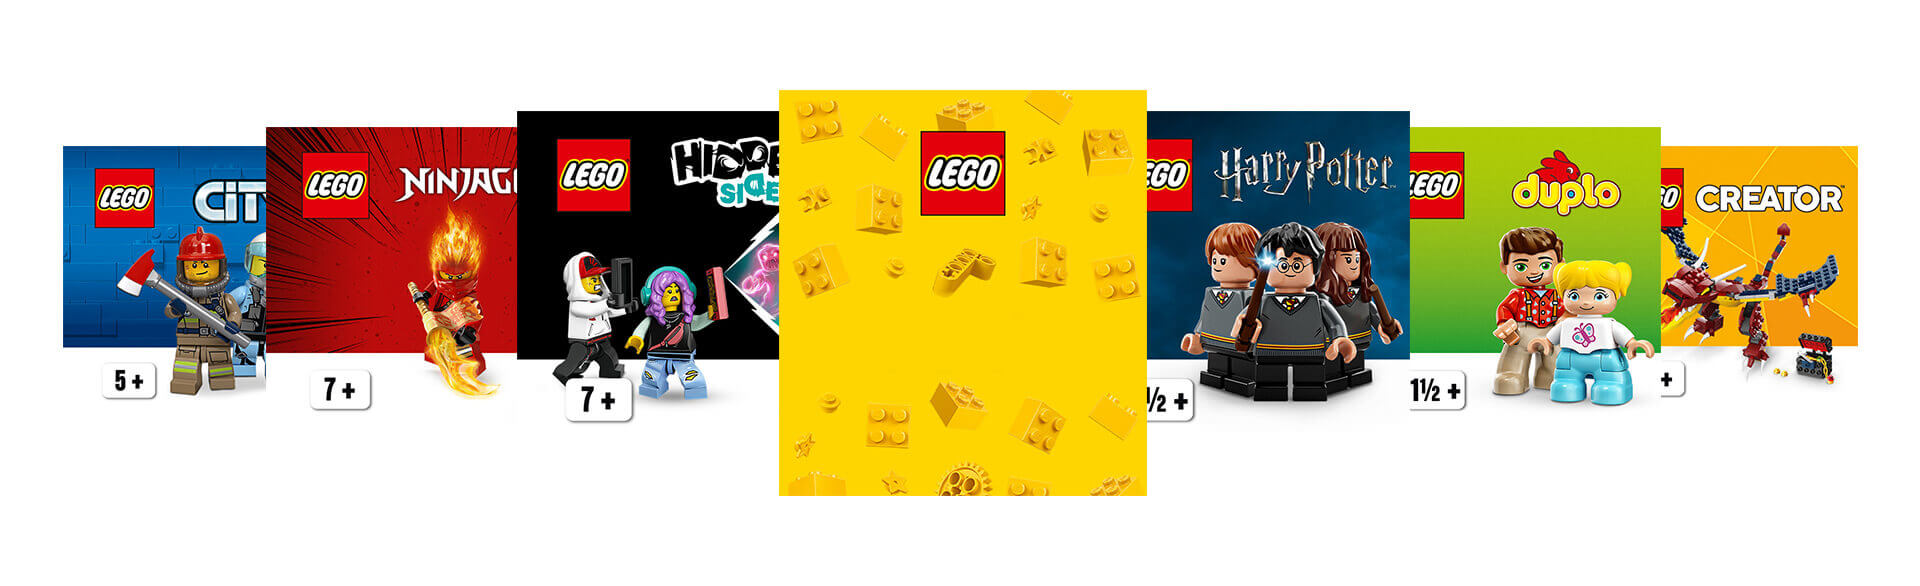 FANS ADULTOS DE LEGO